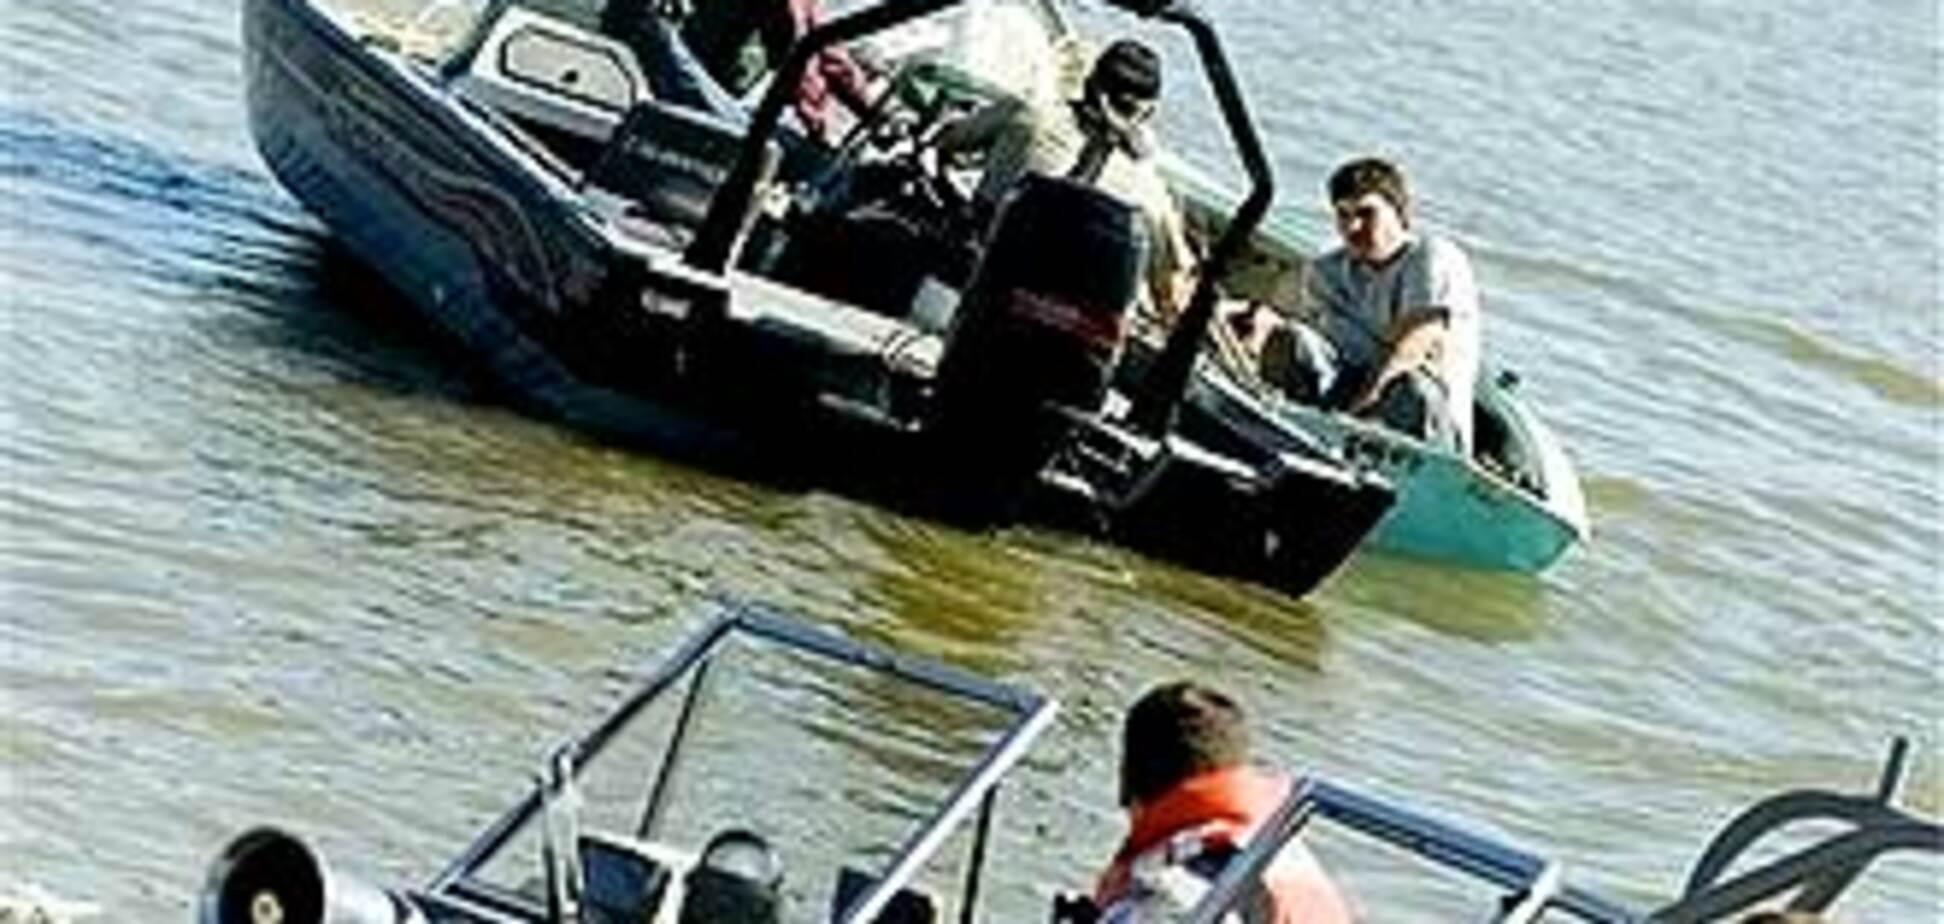 Двое отдыхающих утонули в Крыму в шторм